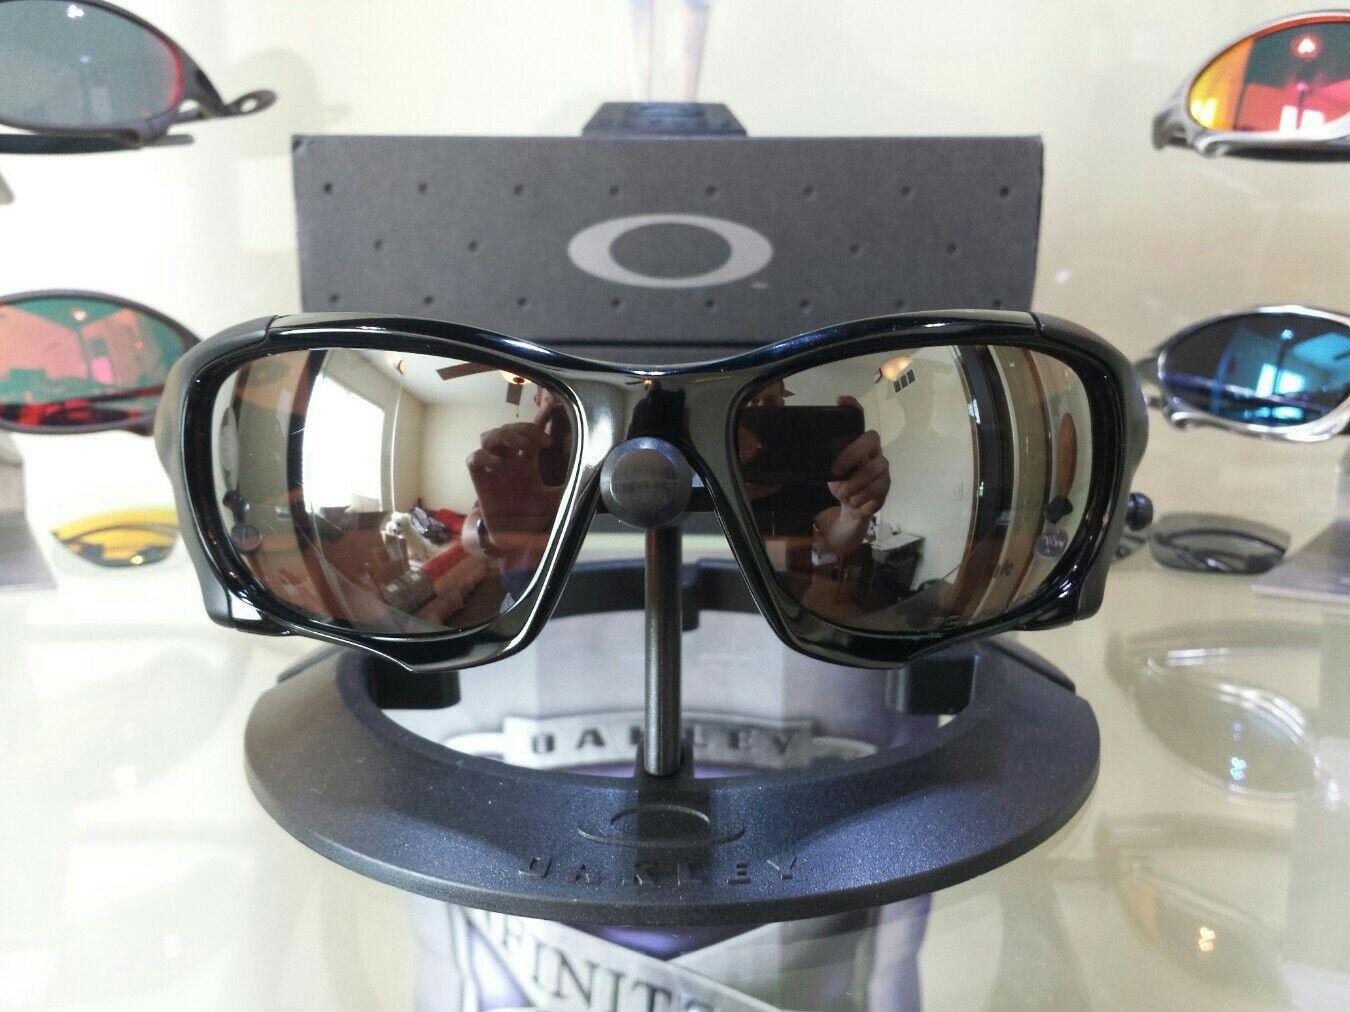 Oakley Pit Boss II - $275 - u6epyryh.jpg